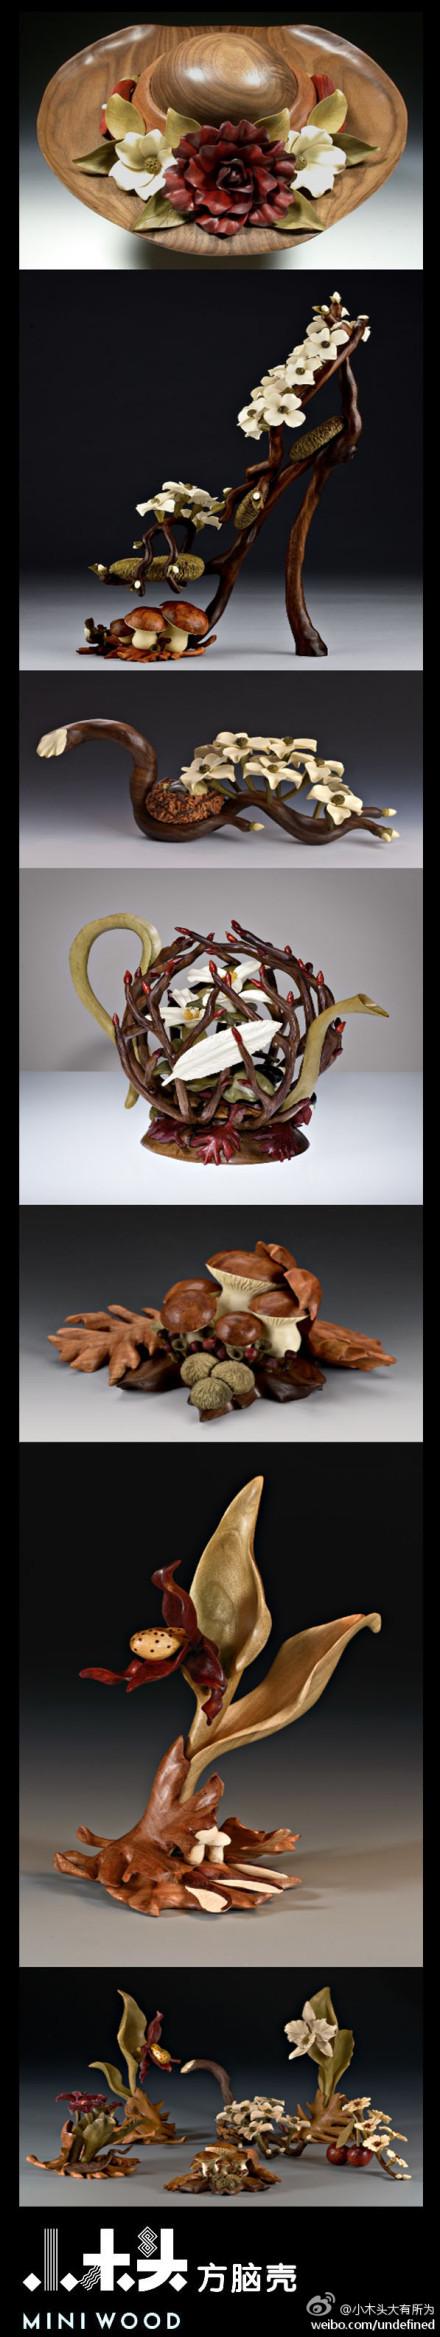 #小木头创意时间# 木雕艺术家Denise Nielsen和George Worthington是一对夫妻,也是工作搭档,其作品擅长表现木头柔韧的特性。他们将不同的树根树叶干果苔藓等雕琢搭配,巧妙而不露痕迹地连接,然后精心打磨上油,创作出色彩美丽自然、极具创意和独特的木雕艺术品。http://t.cn/zR6Pcs7